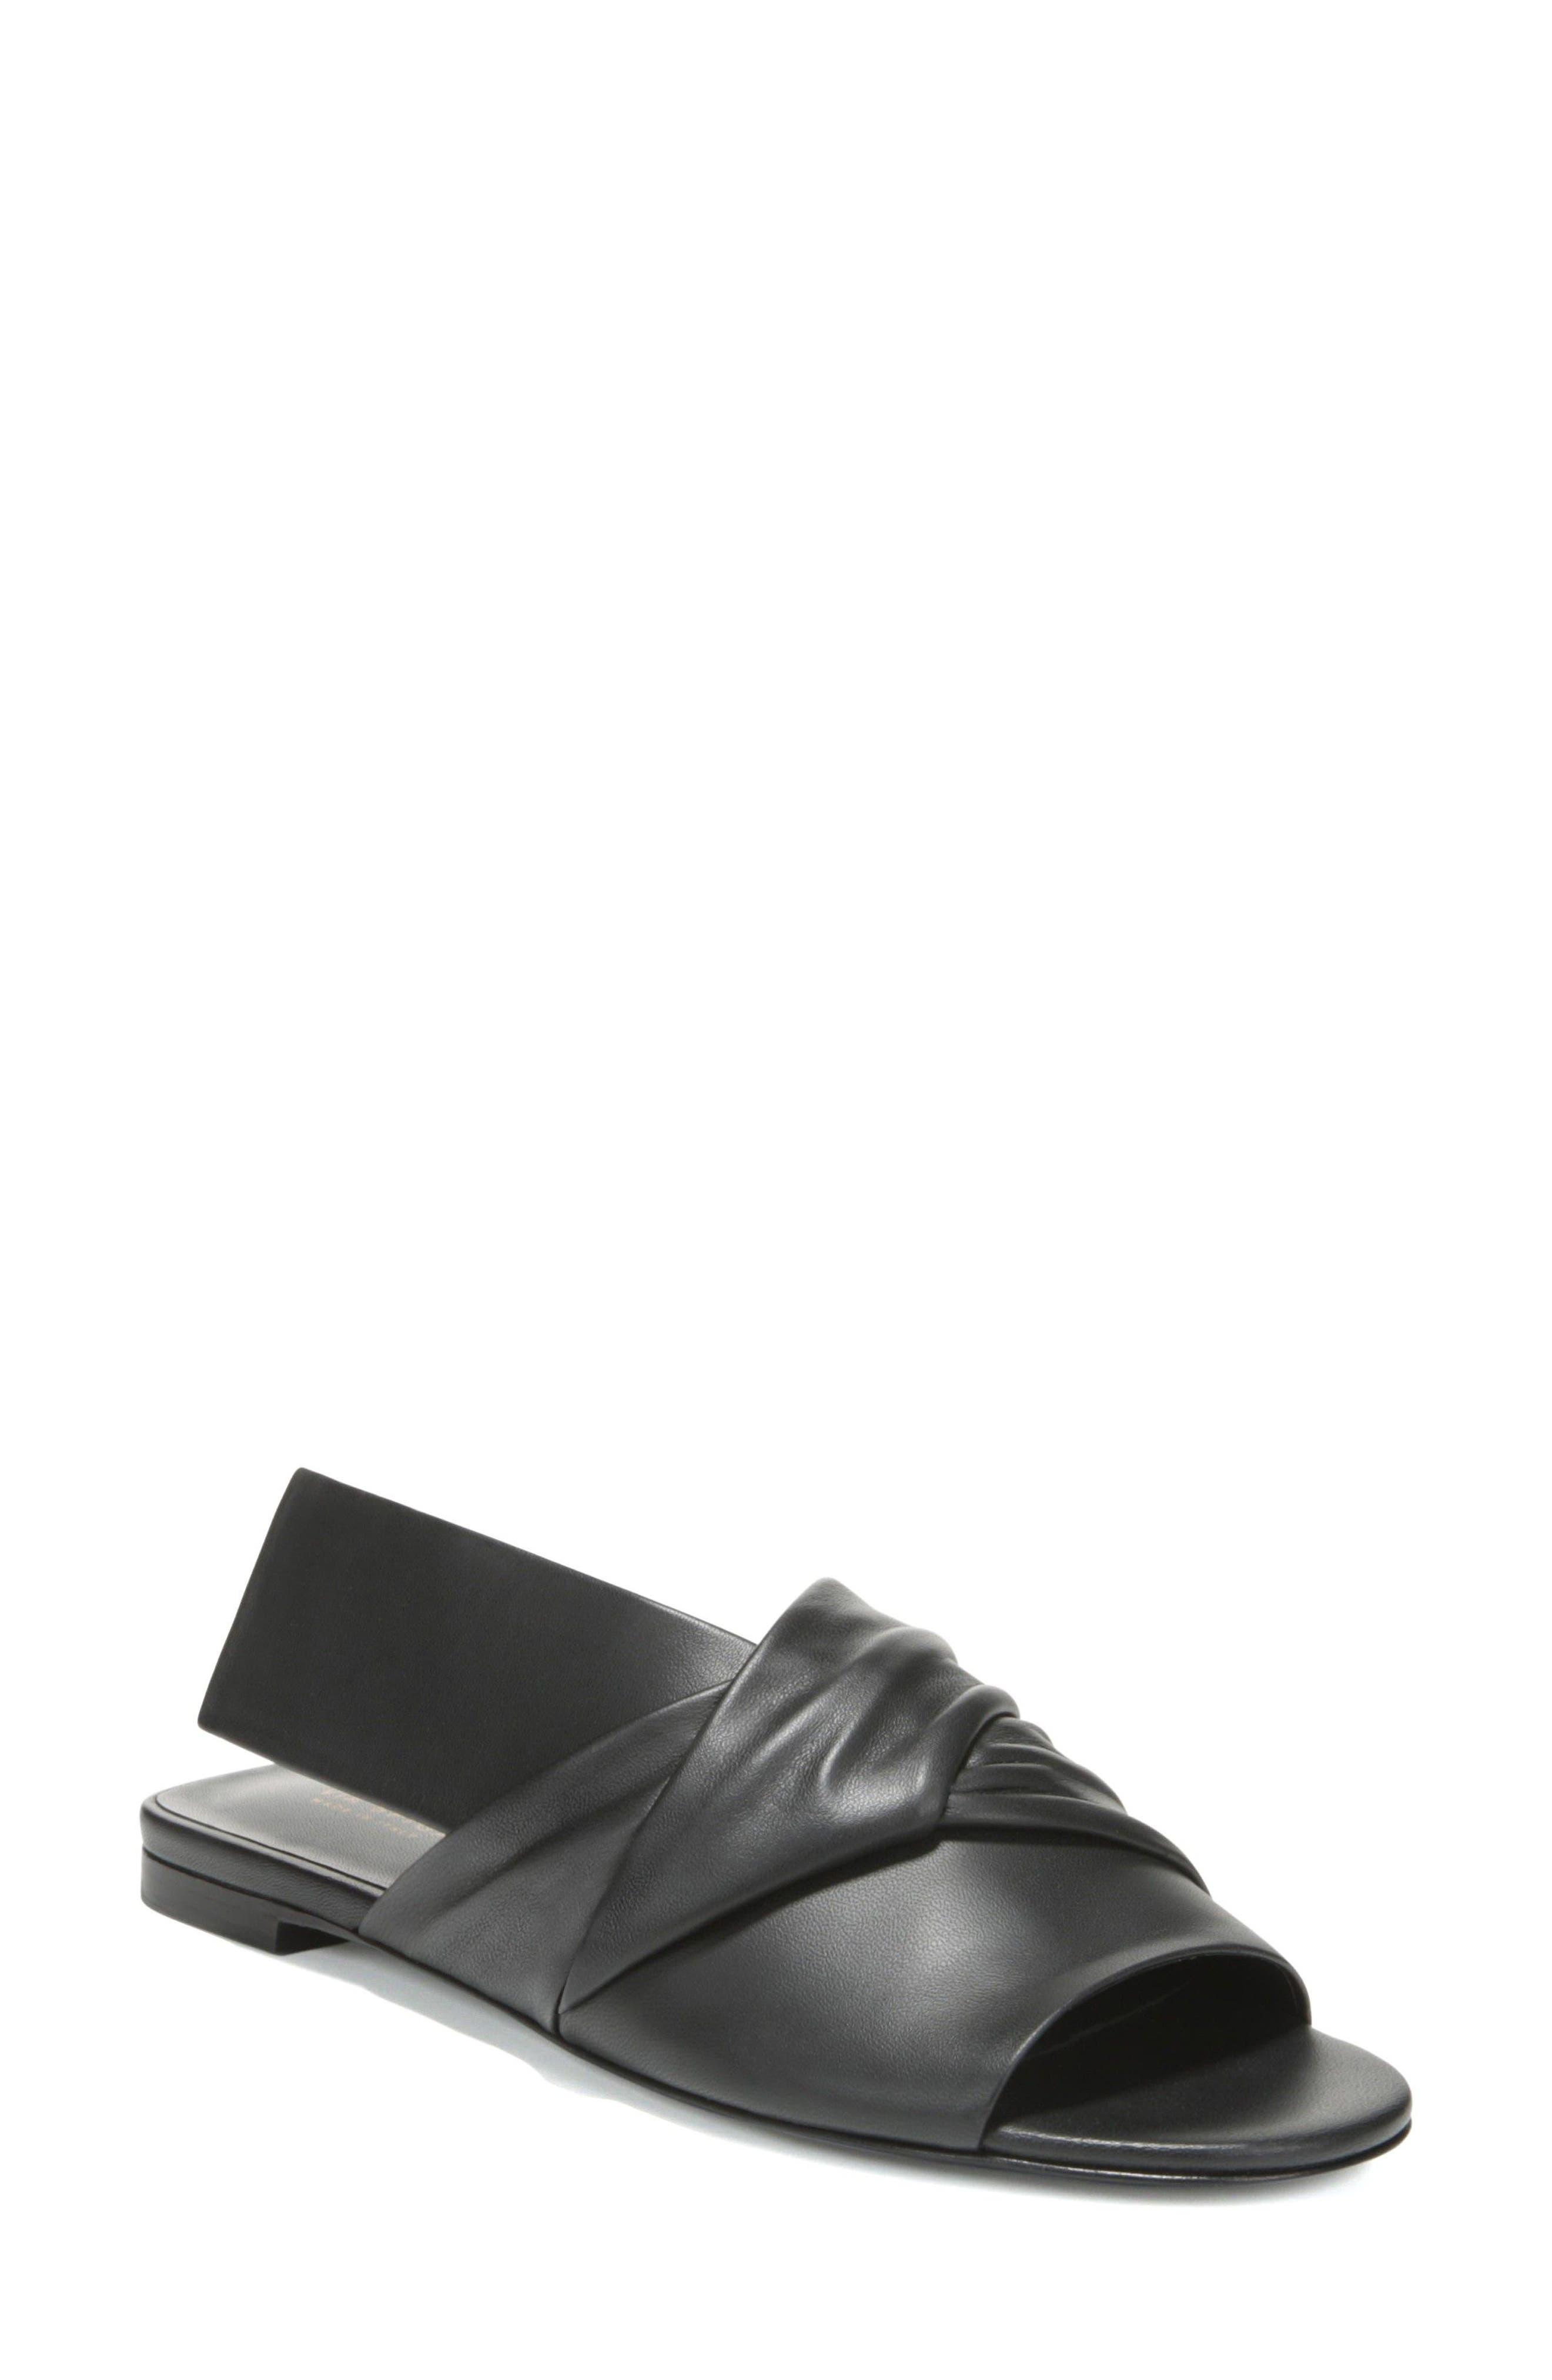 Halina Slide Sandal,                         Main,                         color, BLACK LEATHER